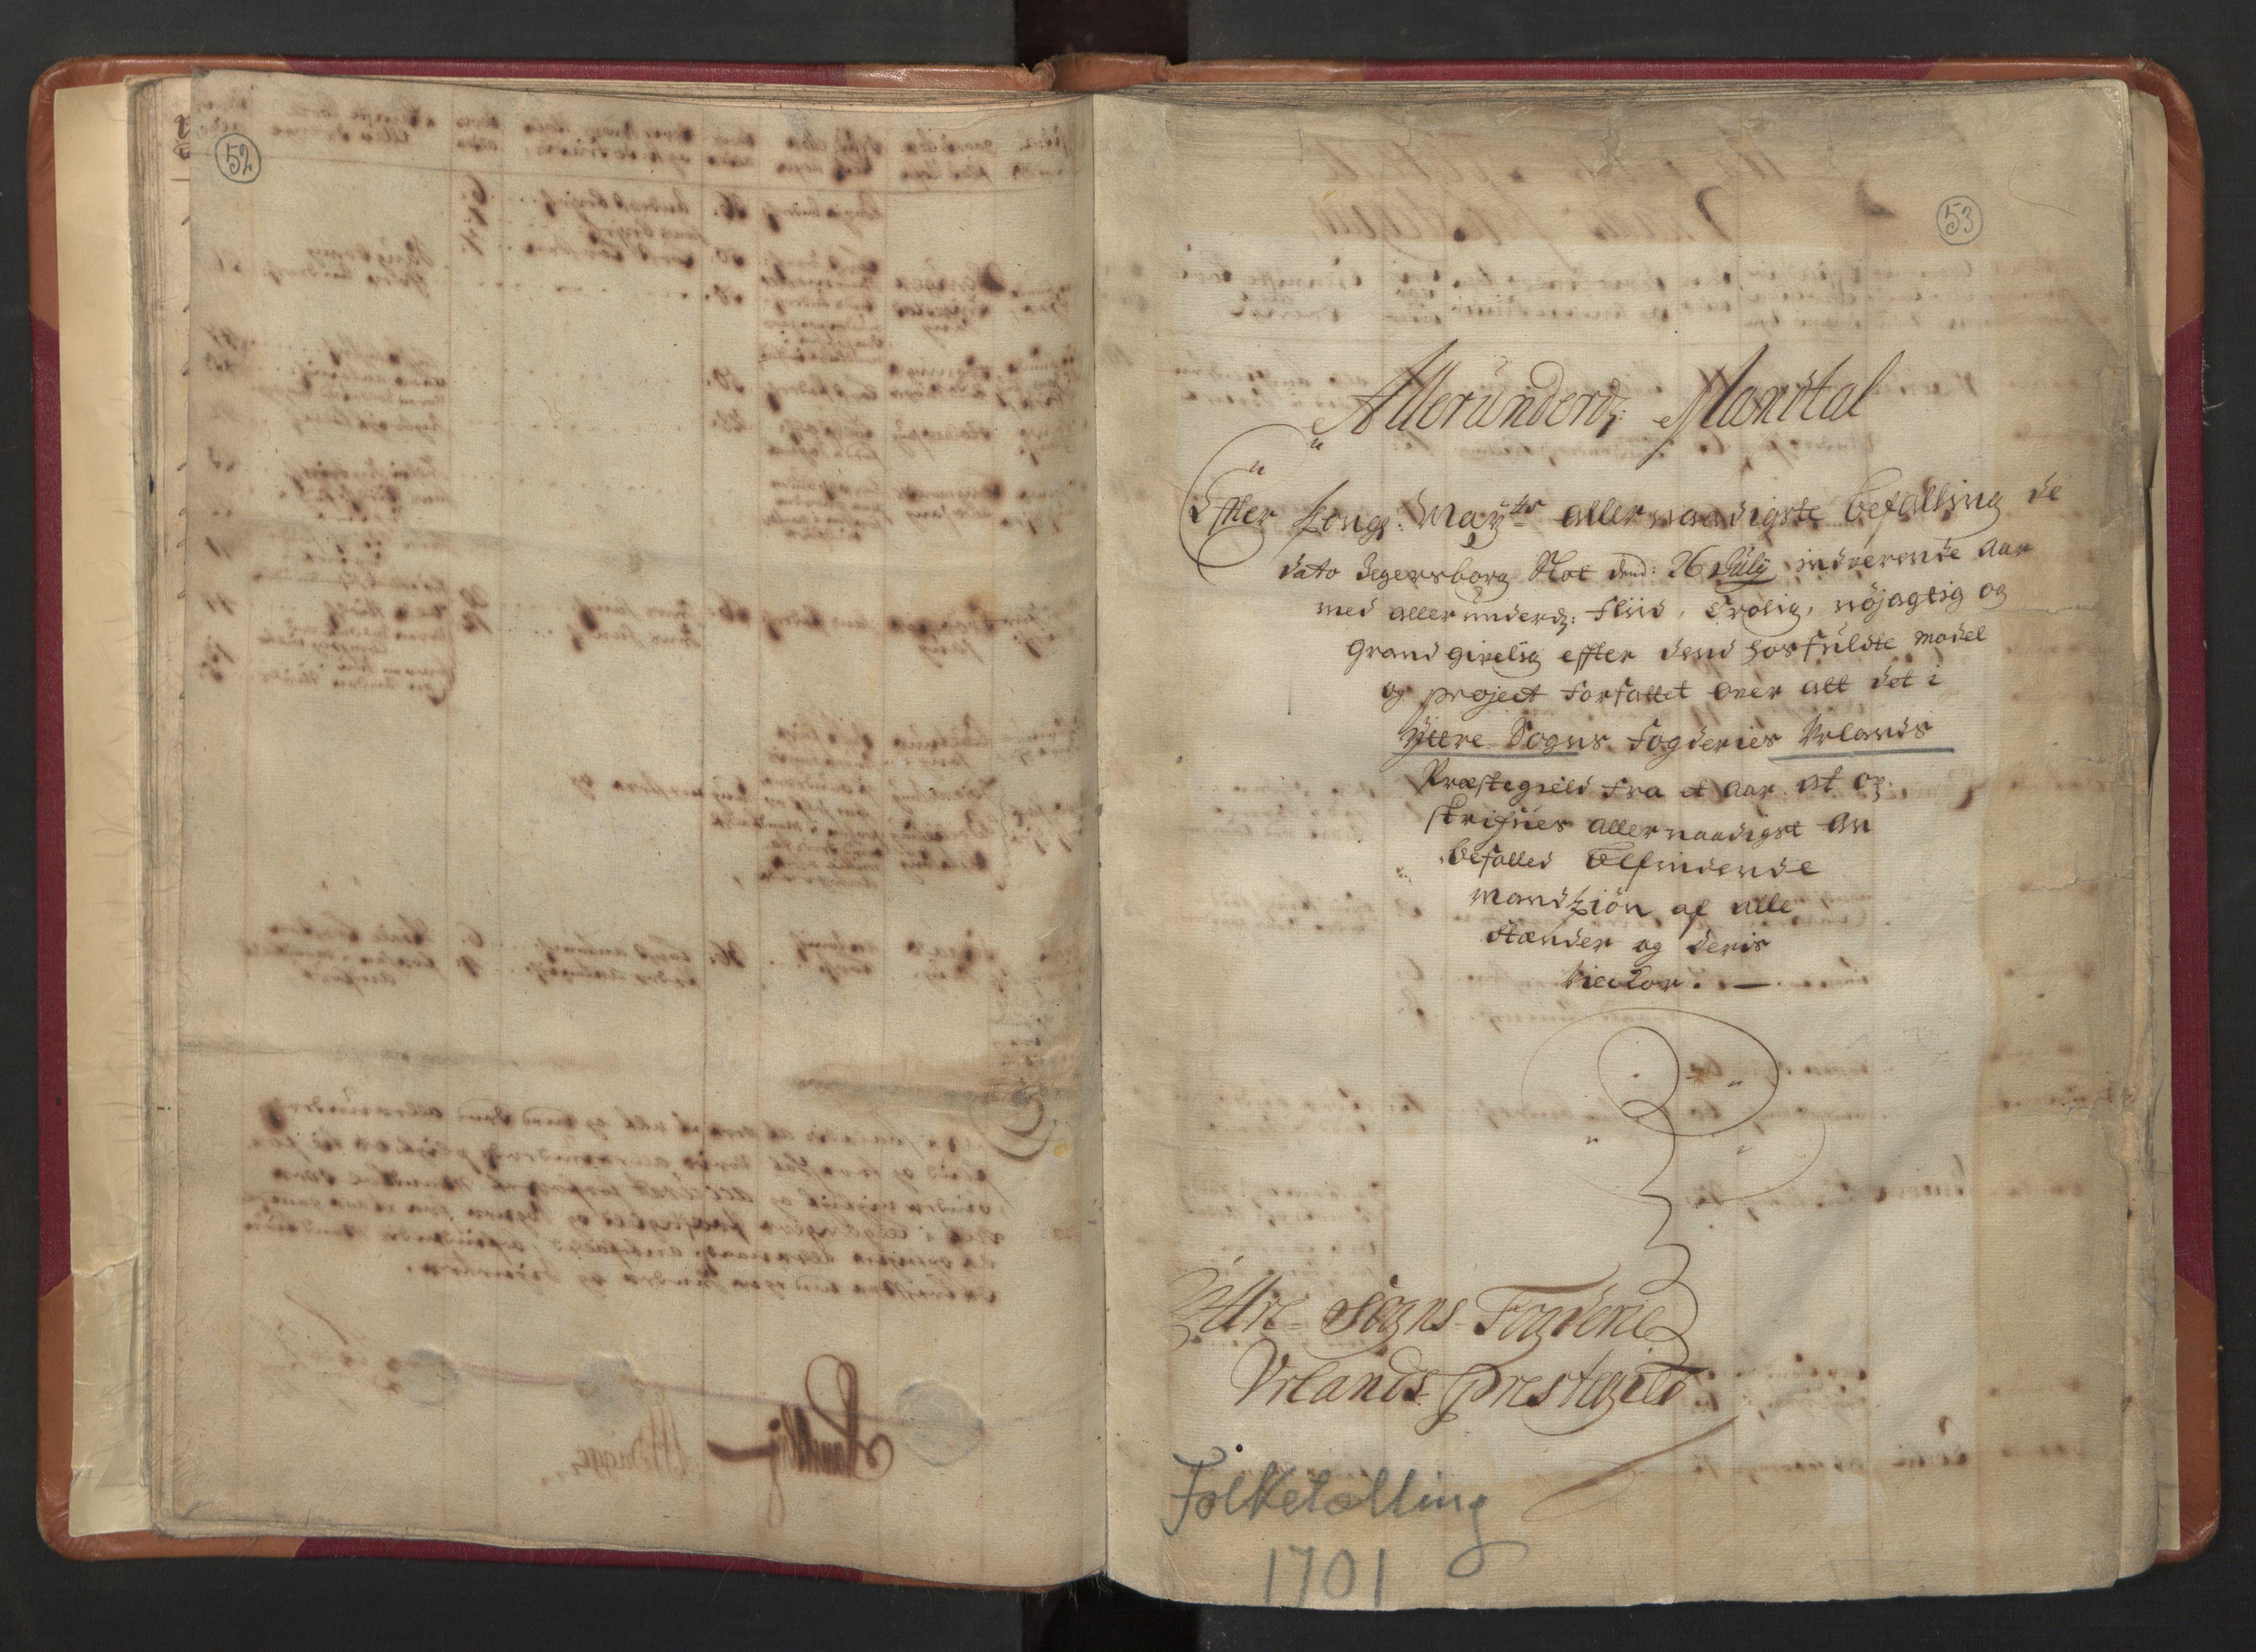 RA, Manntallet 1701, nr. 8: Ytre Sogn fogderi og Indre Sogn fogderi, 1701, s. 52-53